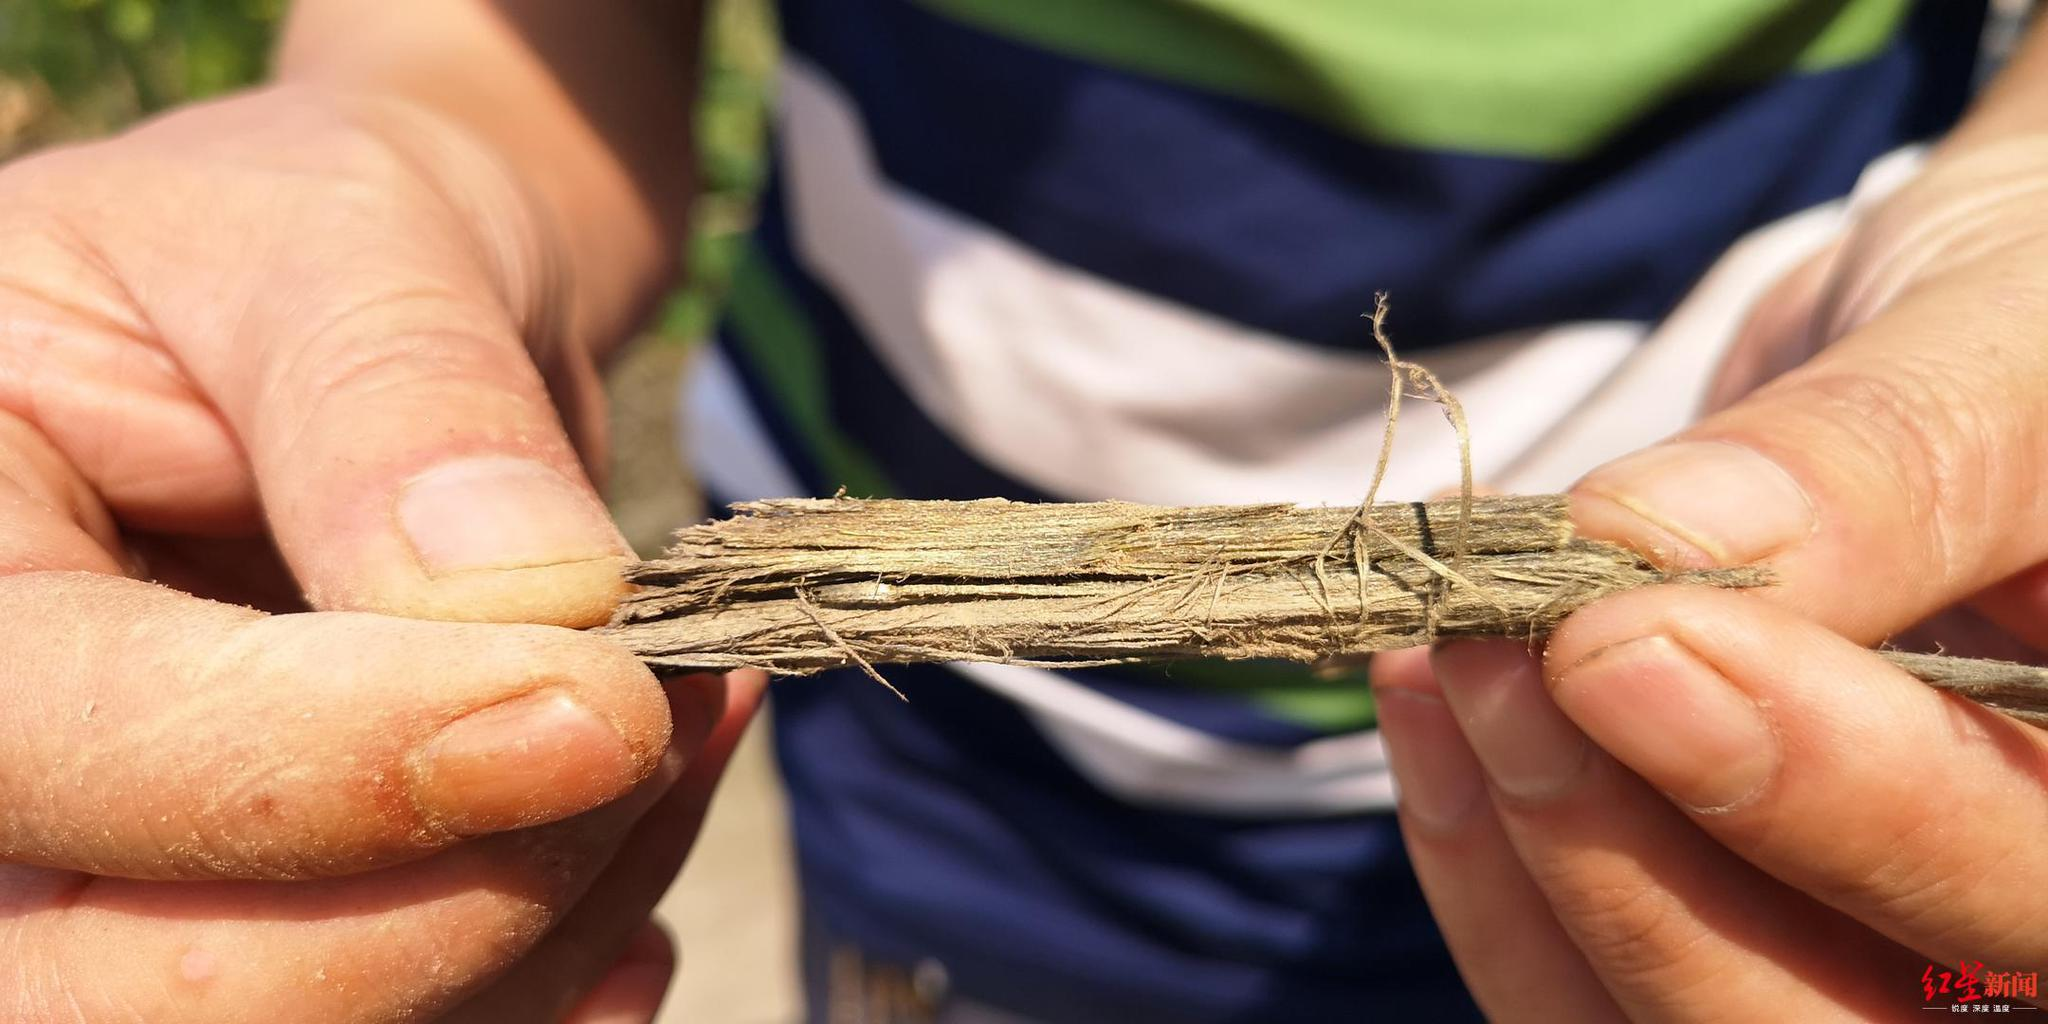 挖出的乌木其木屑带香味